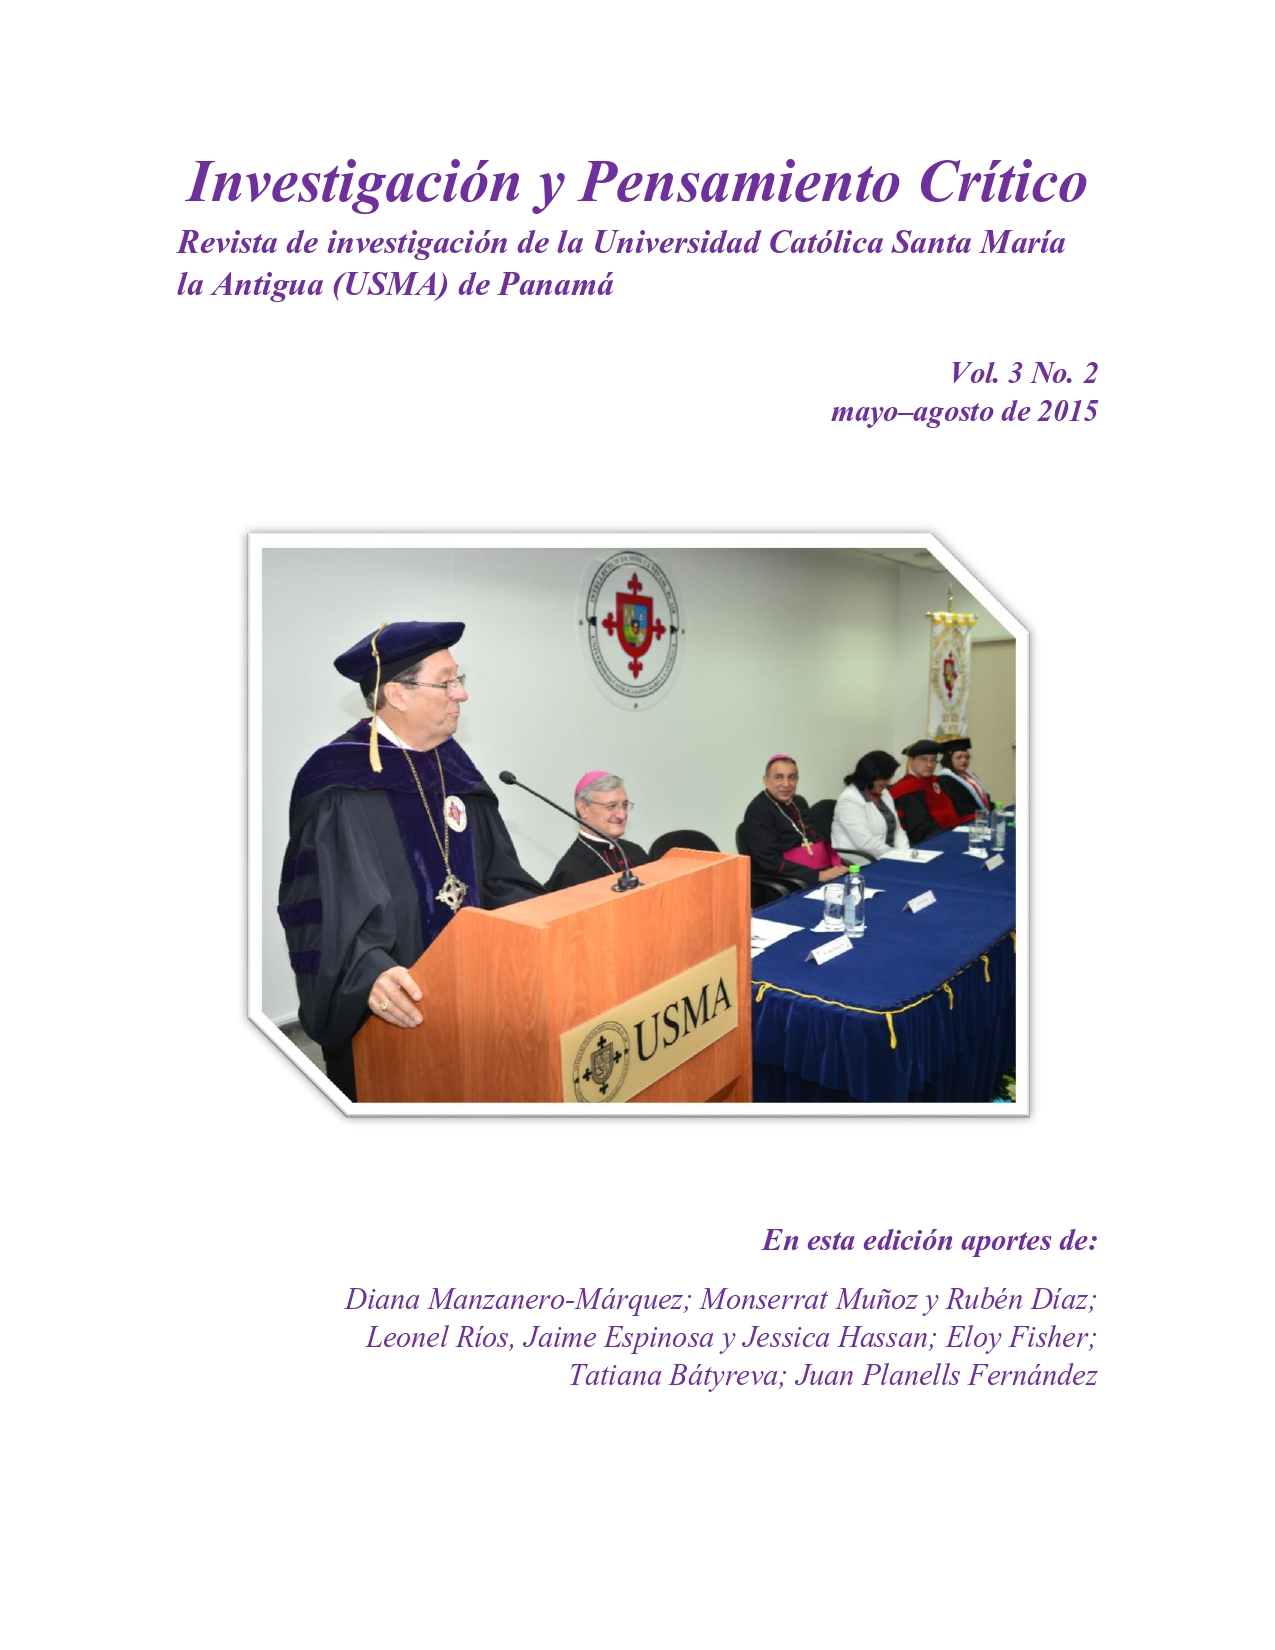 Imagen revista IPC, volumen 3, número 2, año 2015